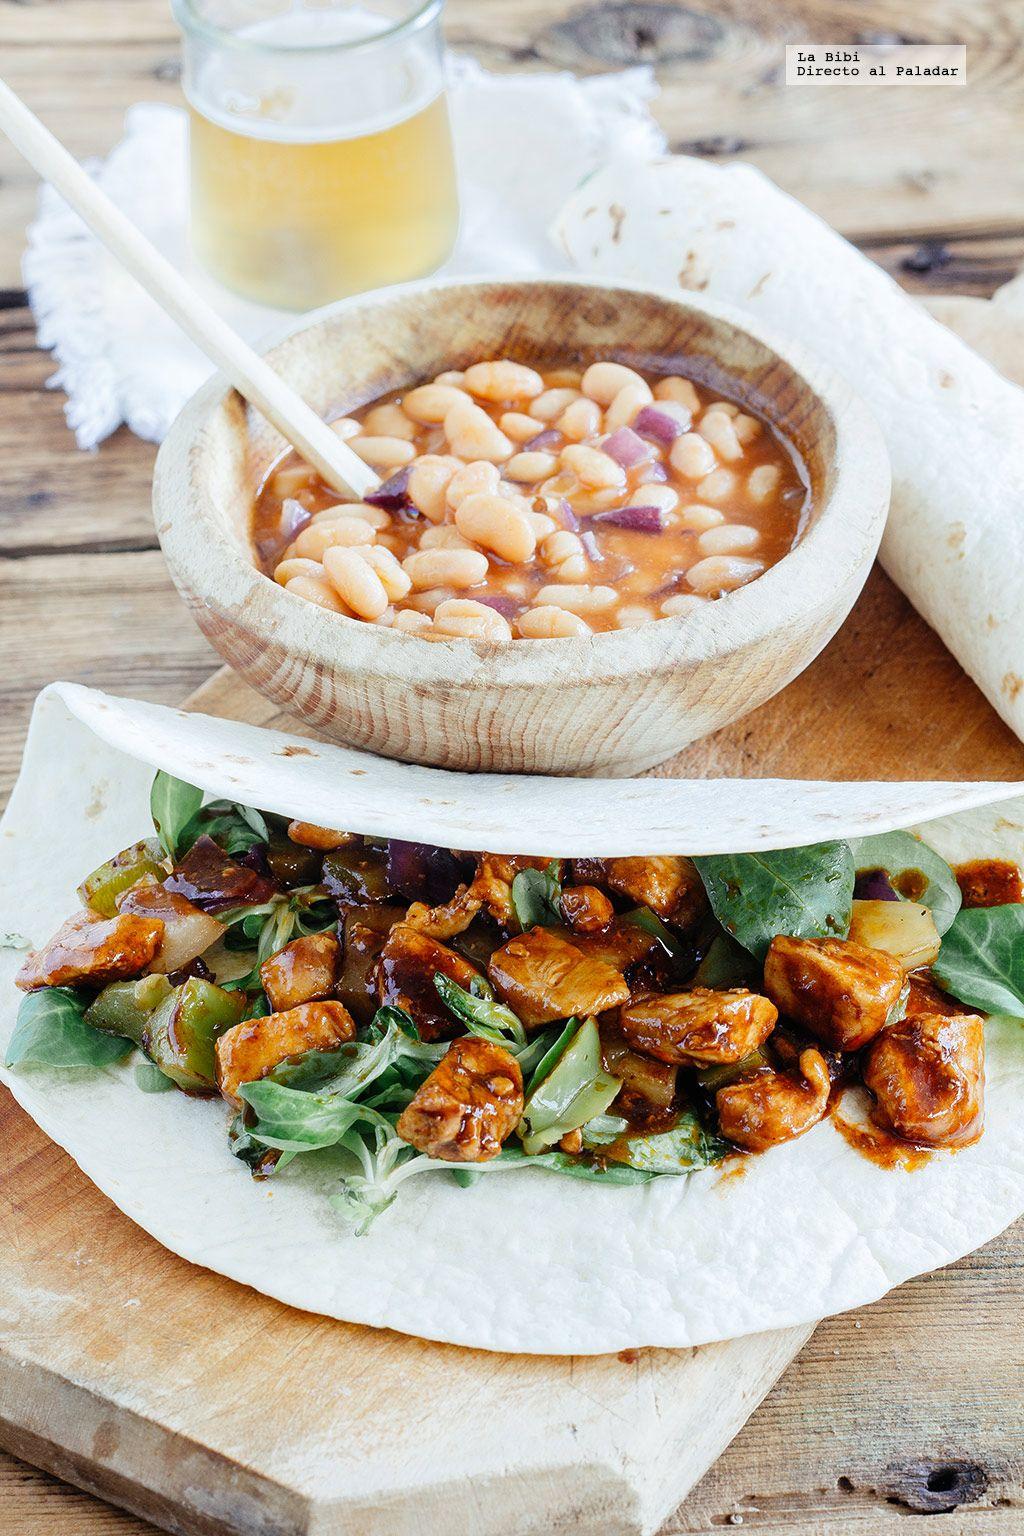 Burritos de pollo a la BBQ y piña. Receta con fotografías de cómo hacerla y recomendaciones de cómo servirlas. Recetas de platillos populares mexicanos